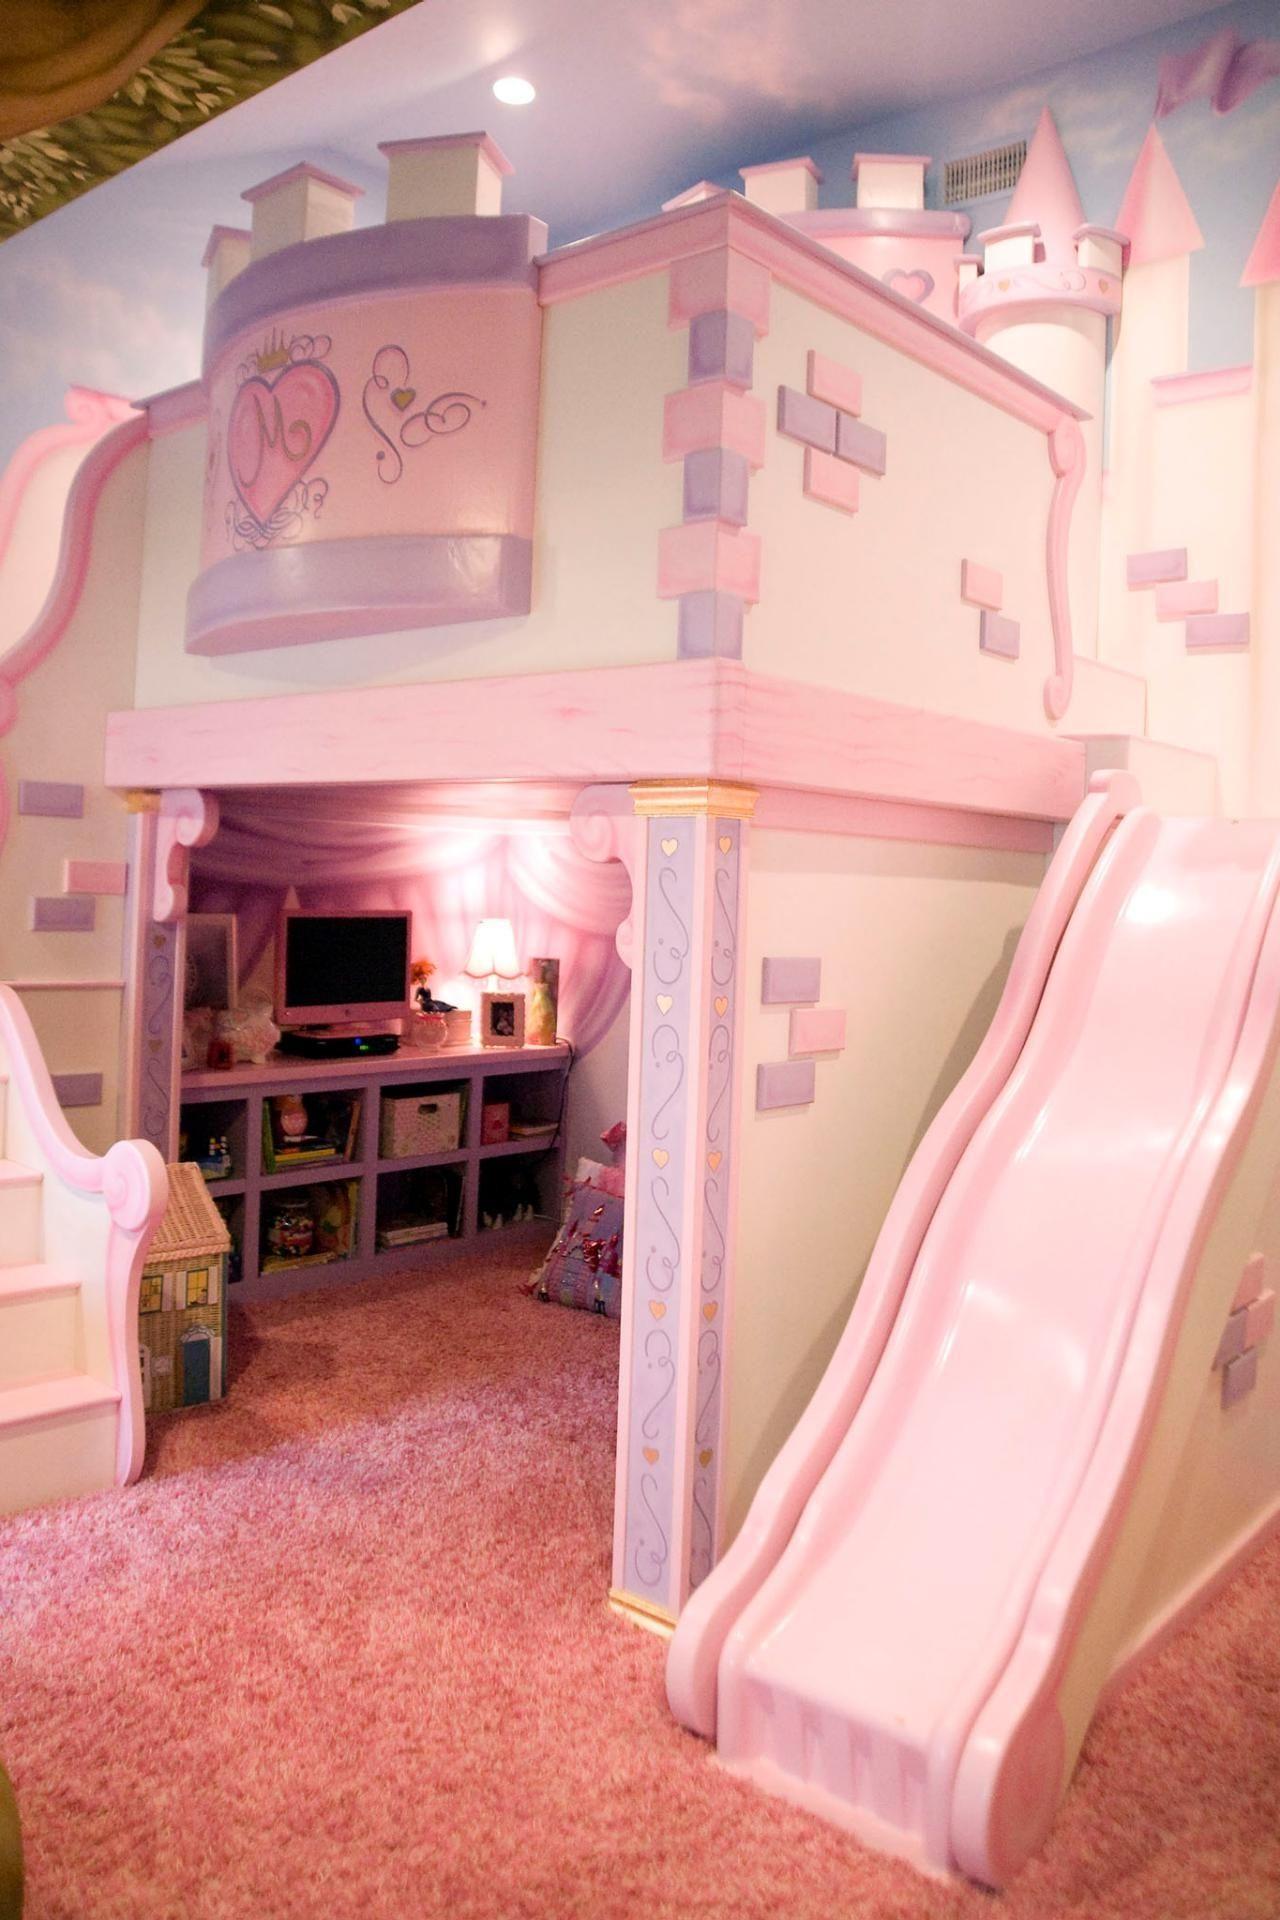 Perfekt Hello Kitty Schlafzimmer Für Teenager Doppel Etagenbetten   Schlafzimmer